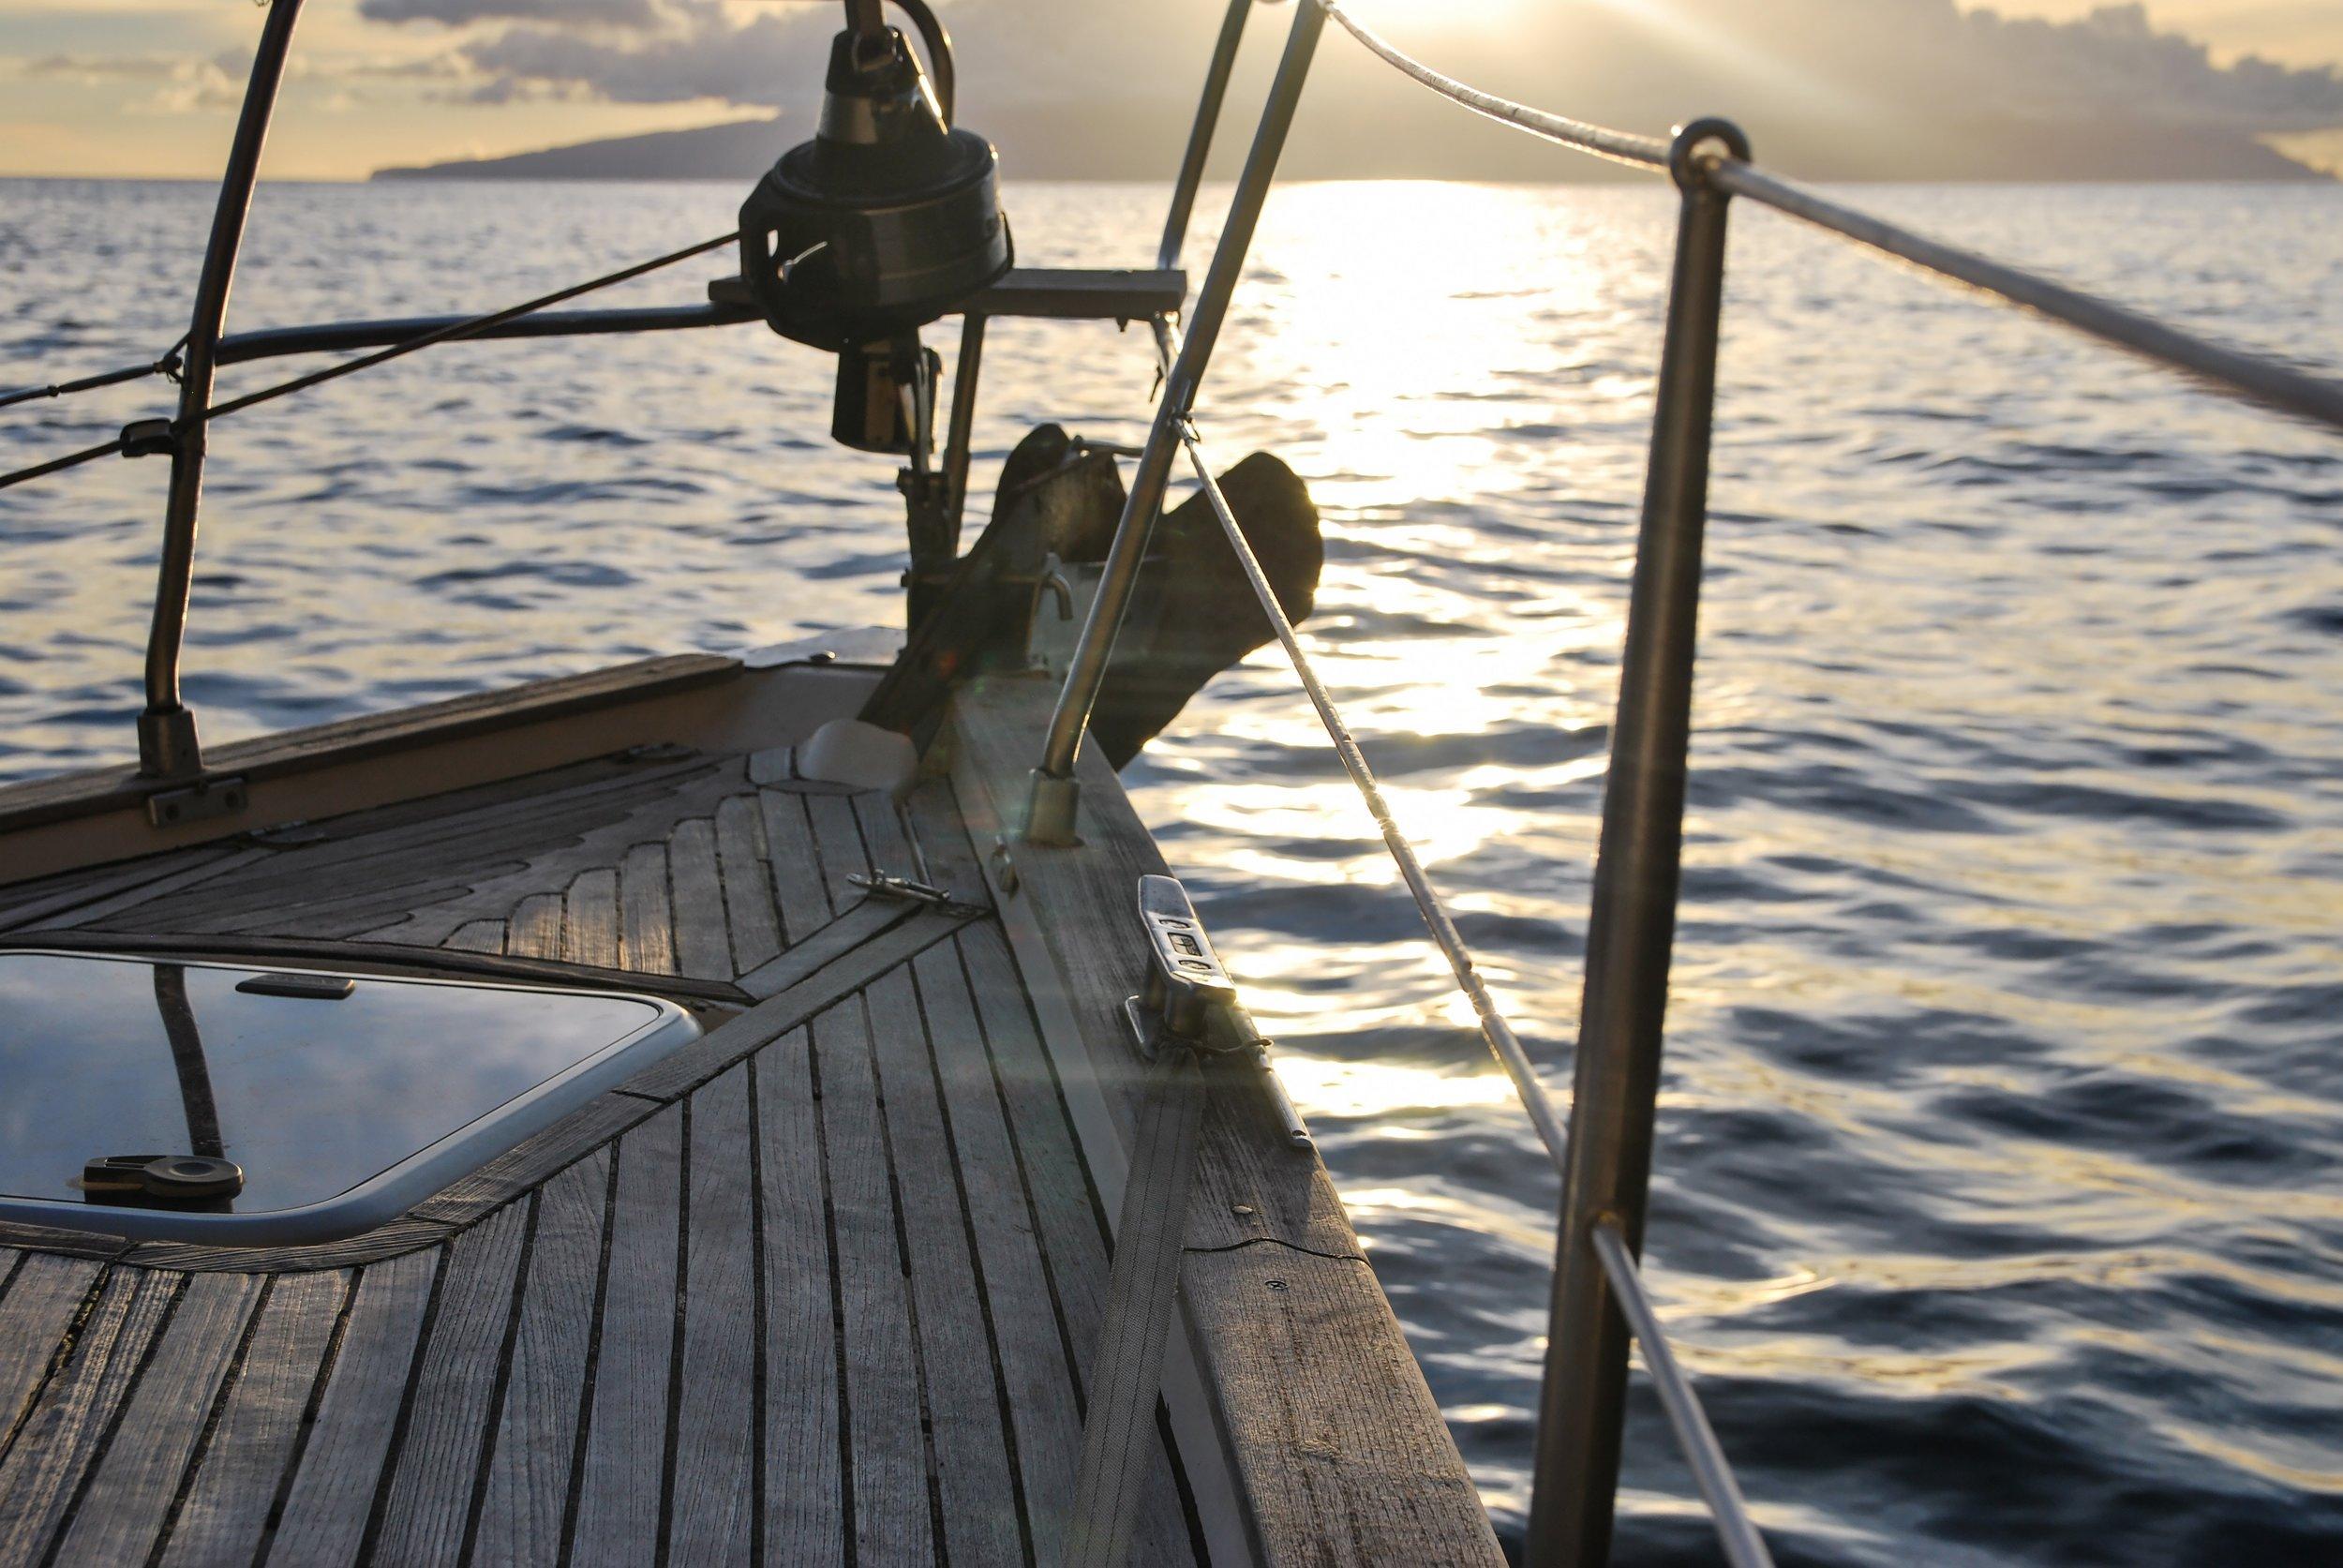 boat-deck-leisure-238367.jpg